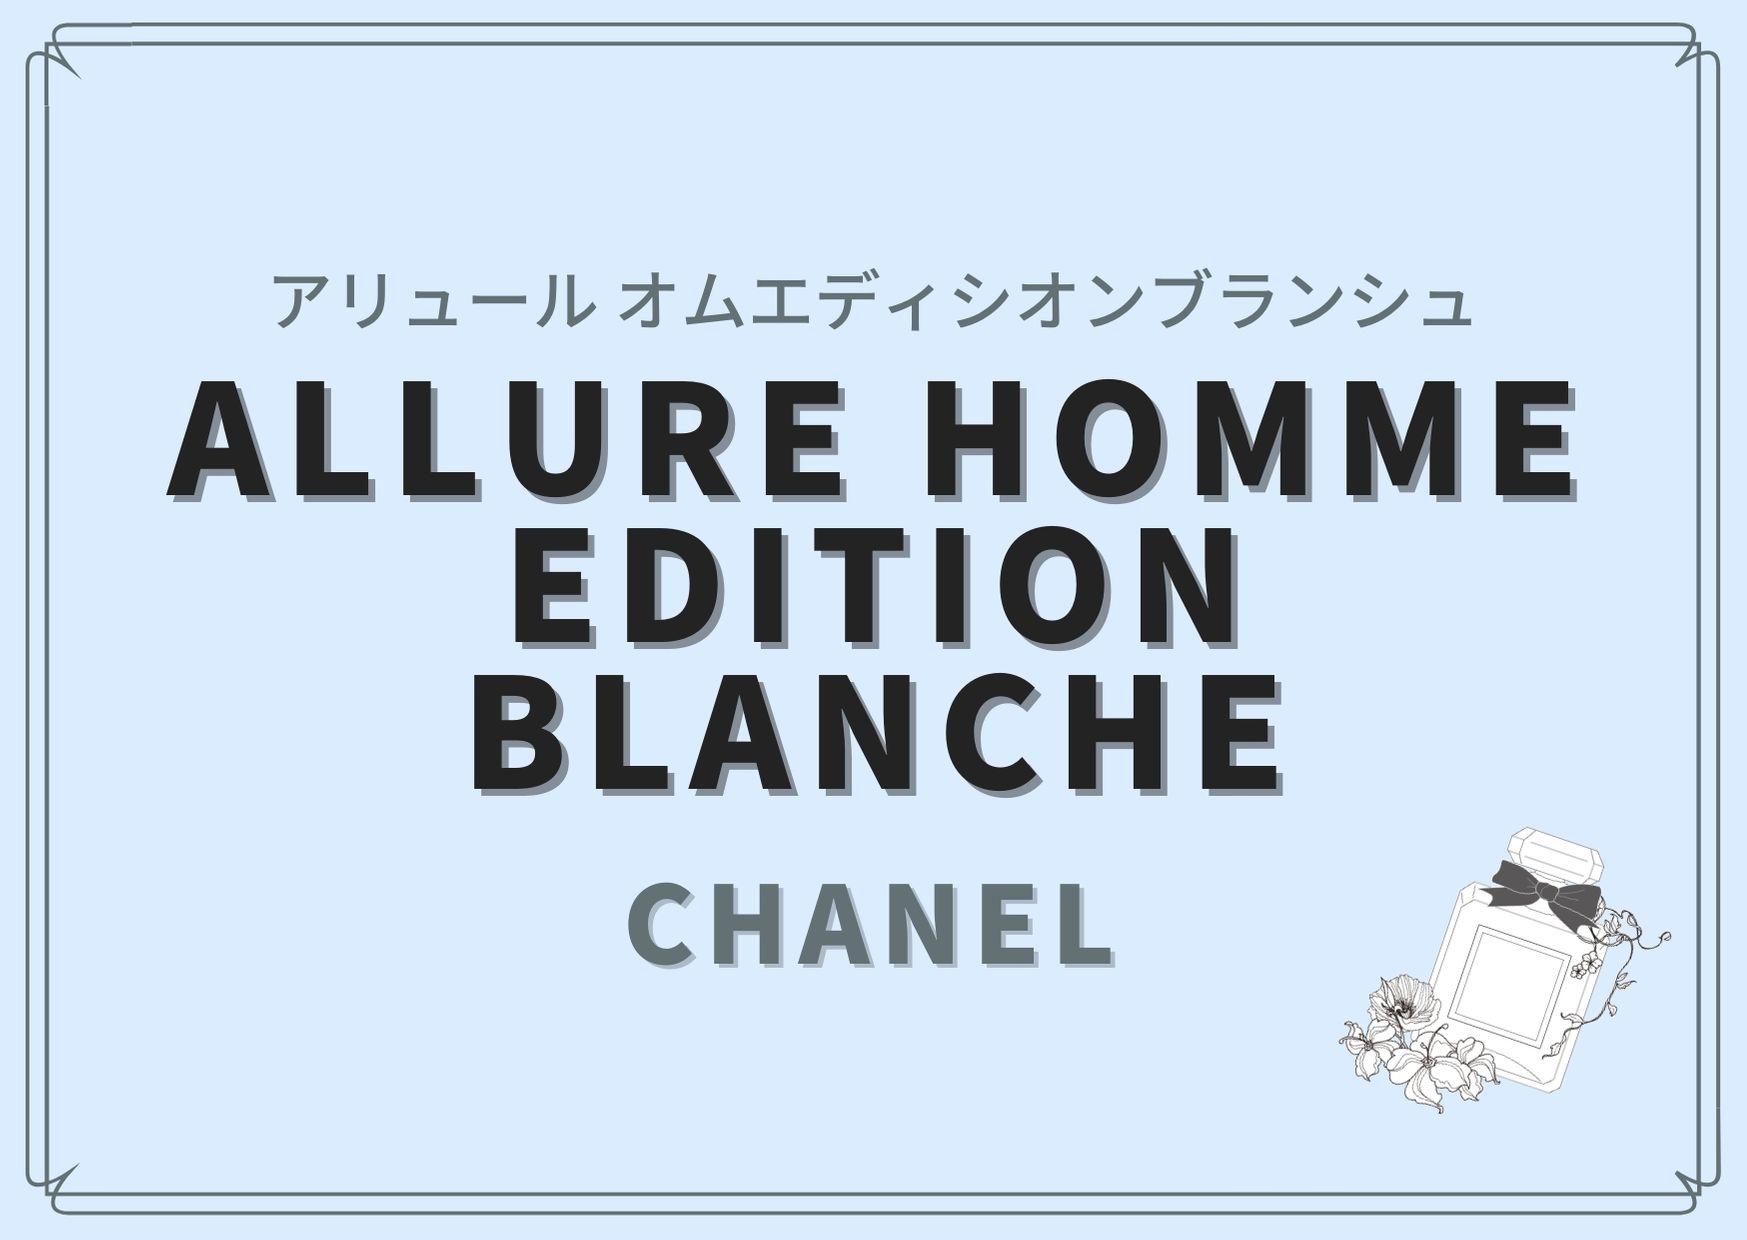 Allure Homme Edition Blanche(オムエディシオンブランシュ)/CHANEL(シャネル)